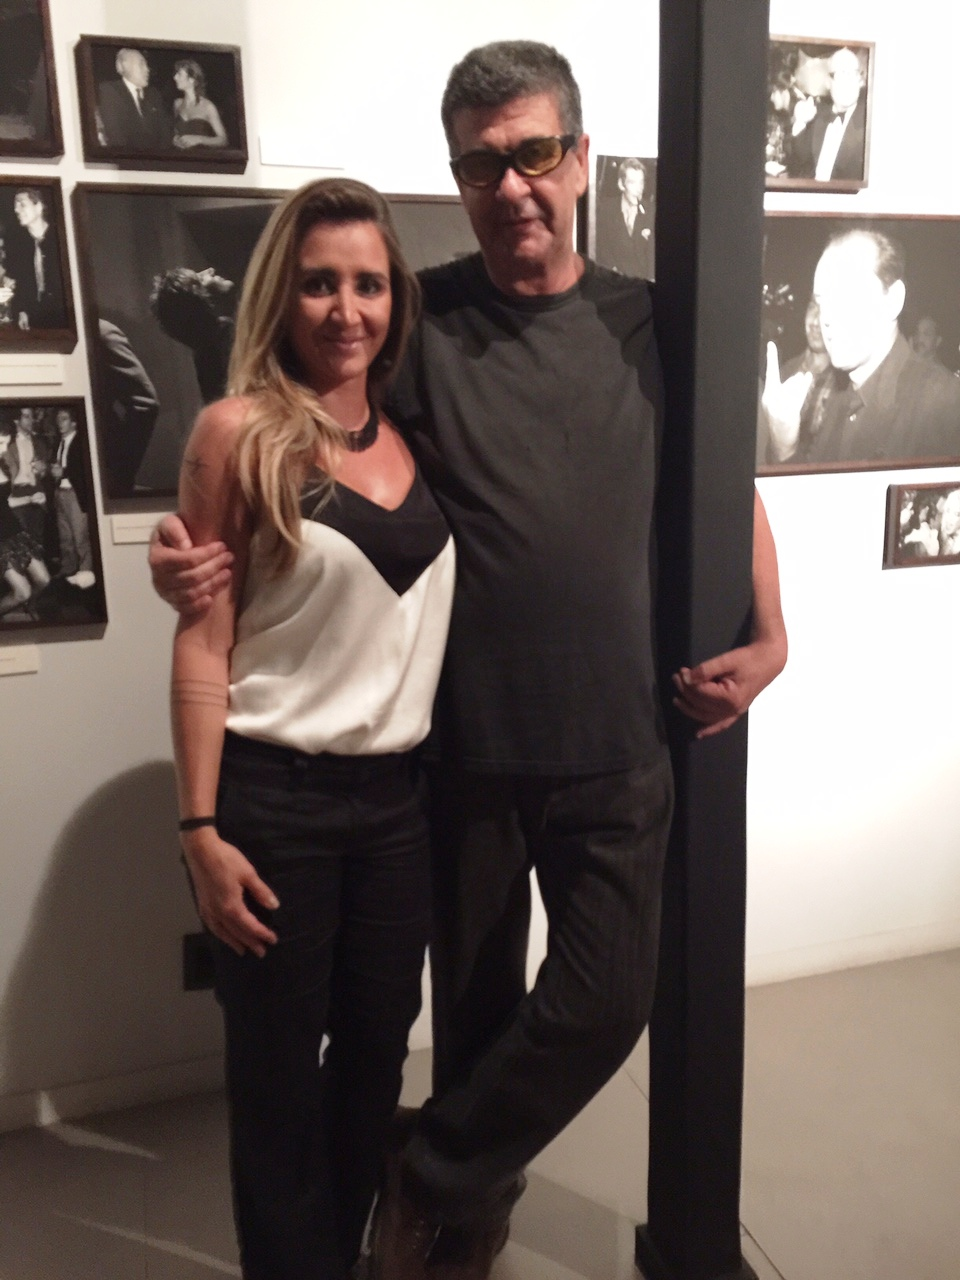 Saddock 207 inaugura exposição do fotógrafo Renato dos Anjos